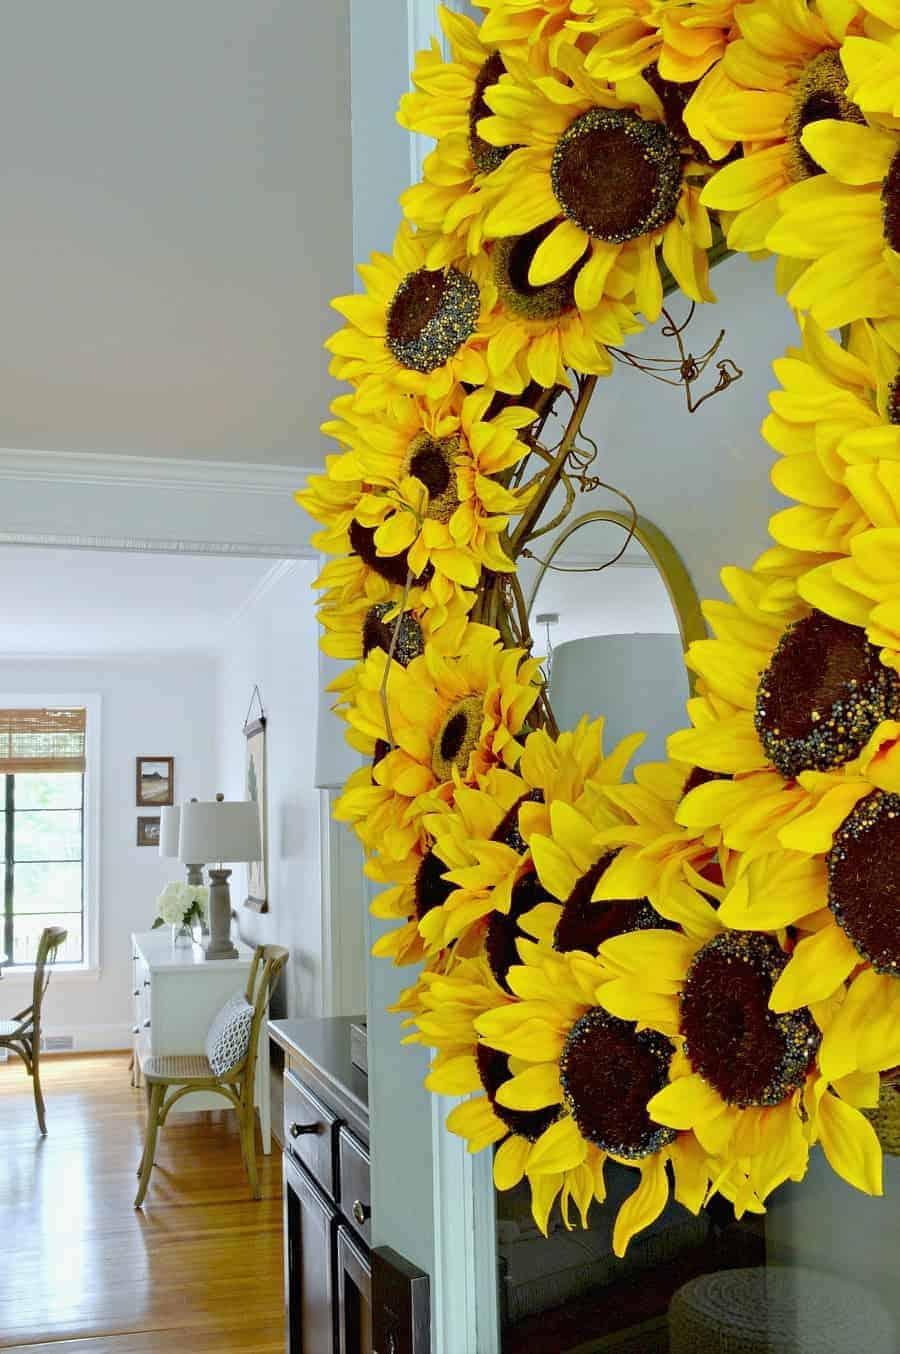 DIY sunflower wreath on front door, looking in cottage